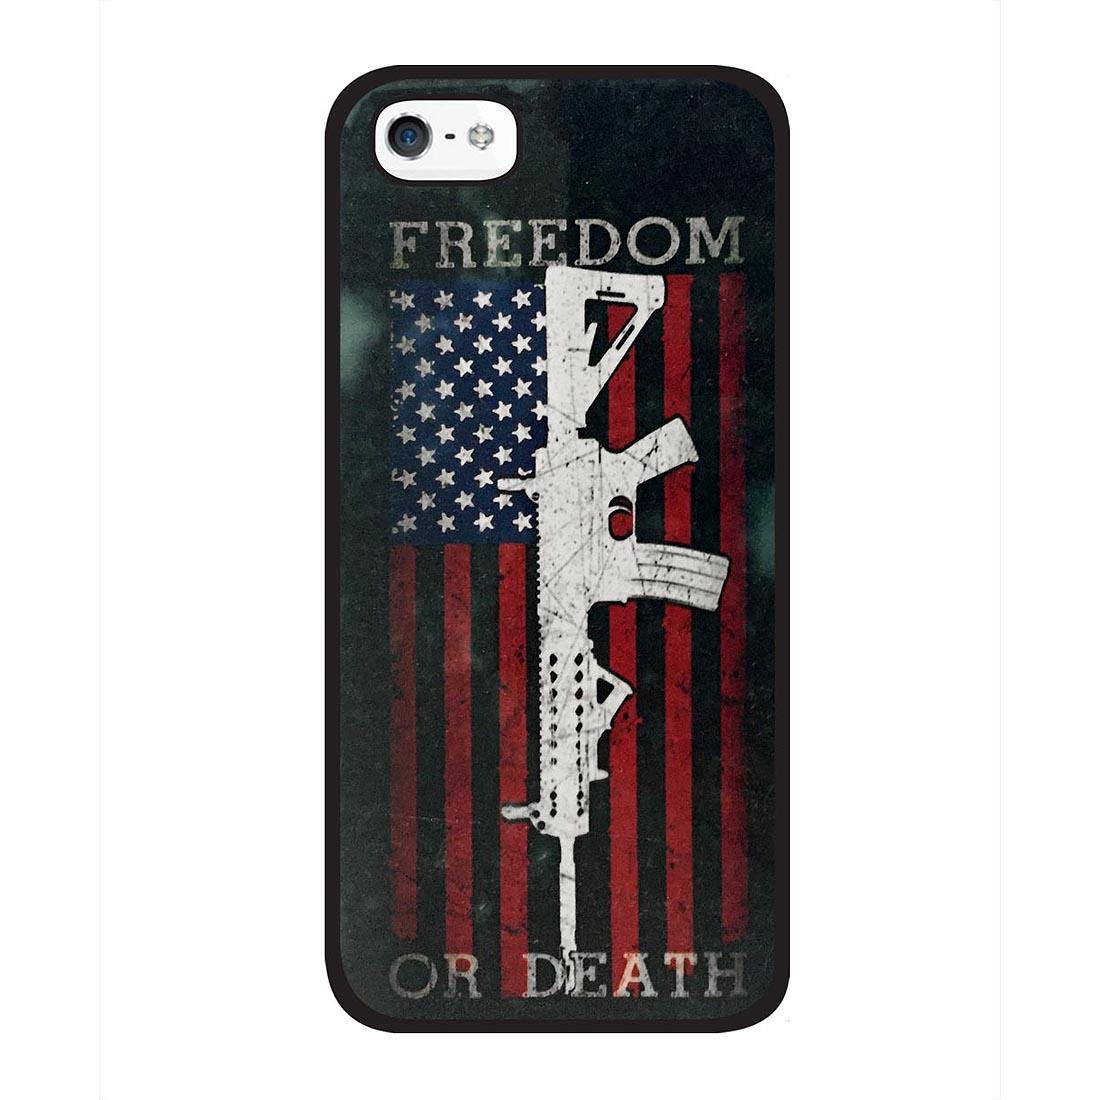 iPhone 5/5s AR-15 American Flag